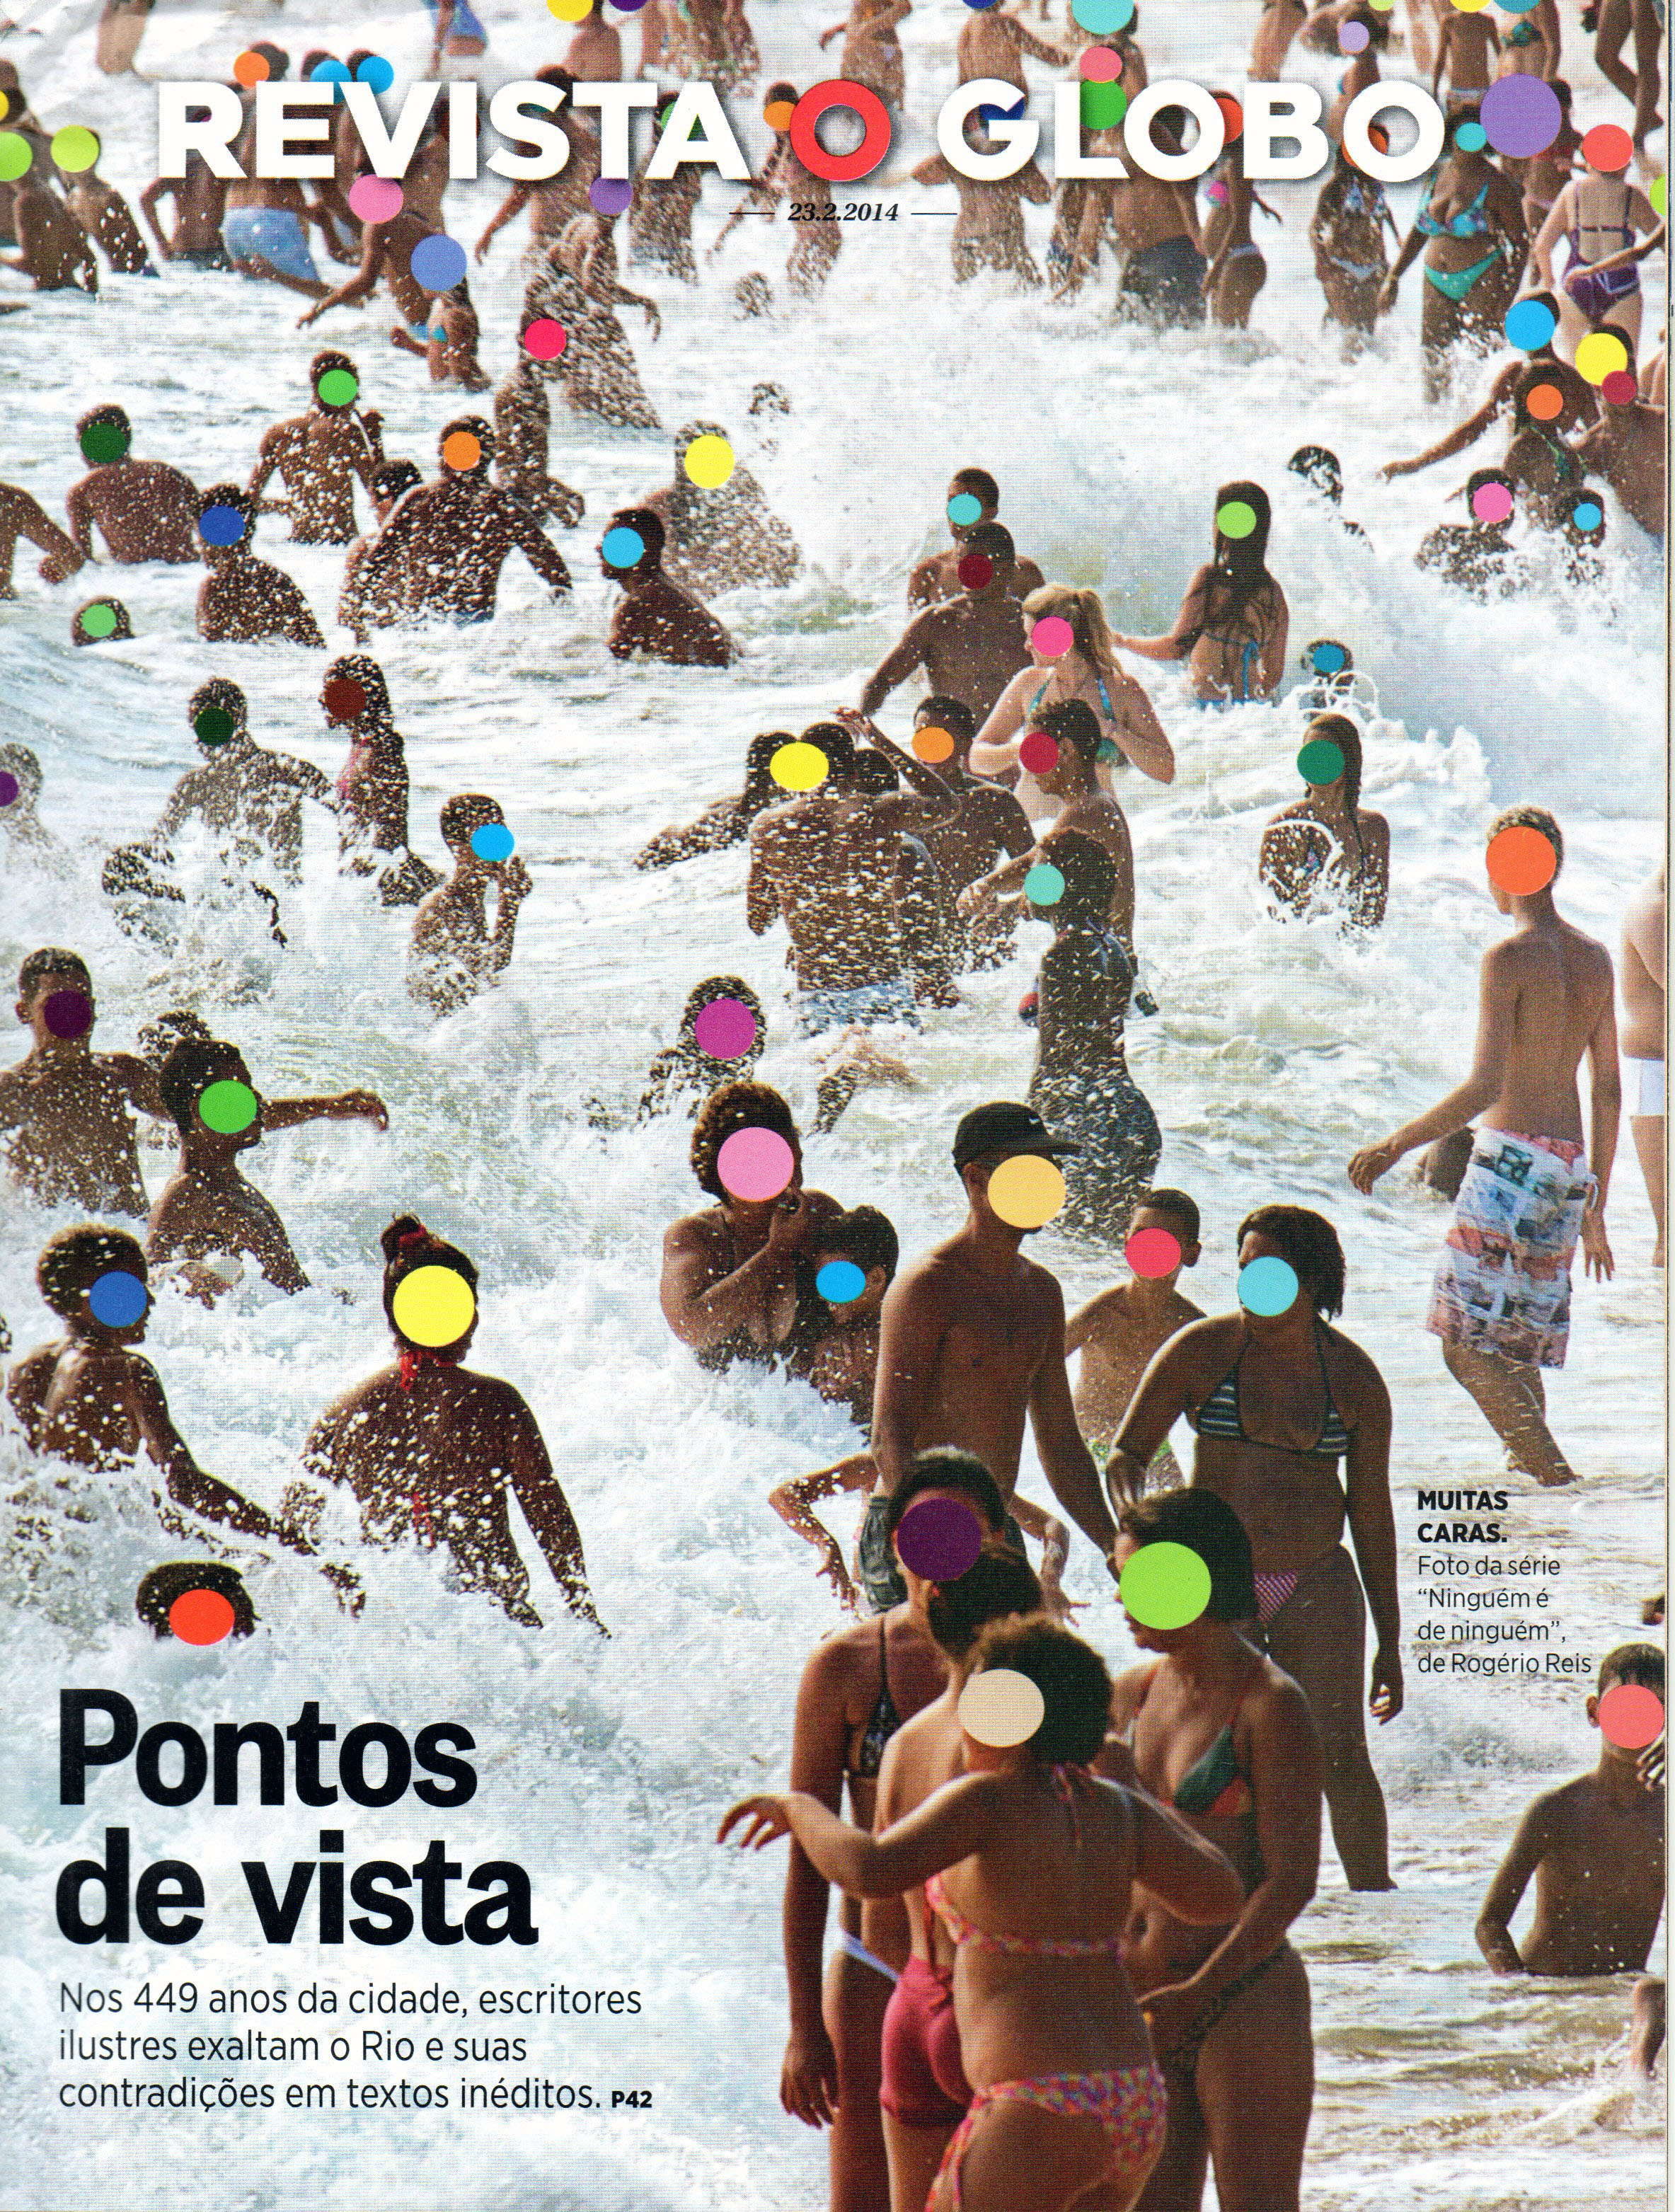 13_09_ninguem e de ninguem - Revista O Globo-capa 23 de fevereiro de 2014.jpg